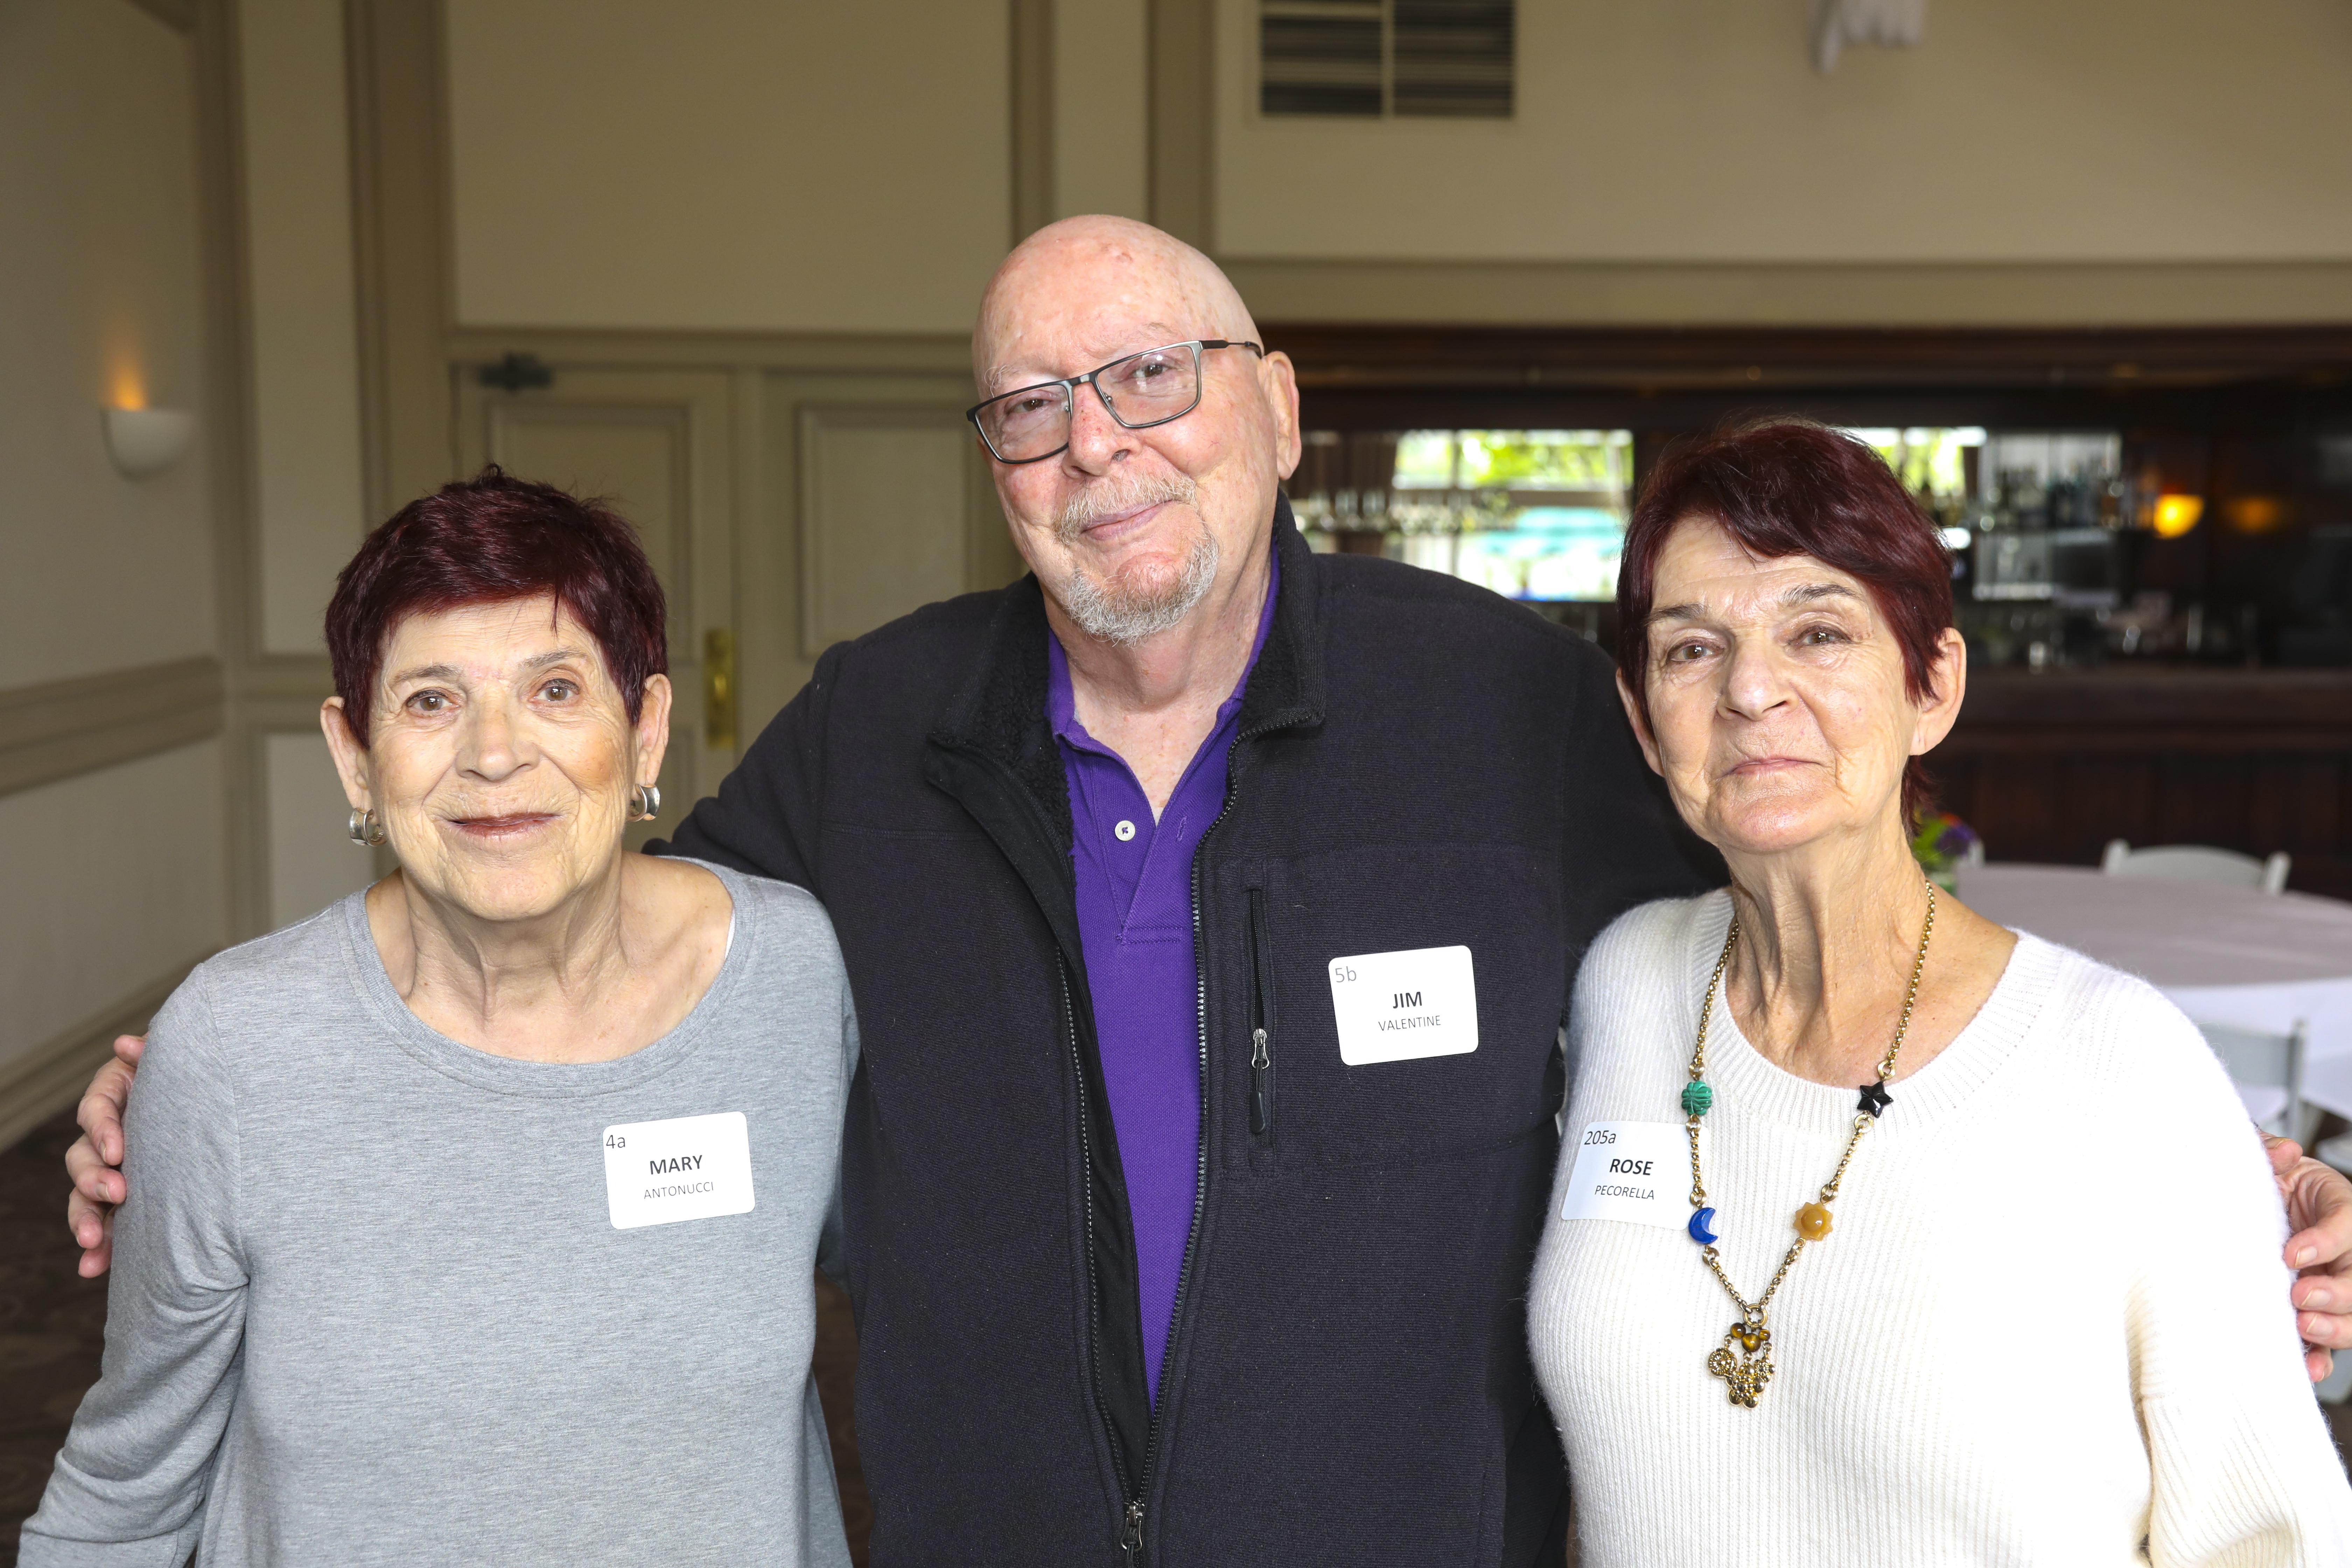 Mary Antonucci, Jim Valentine, Rose Pecorella